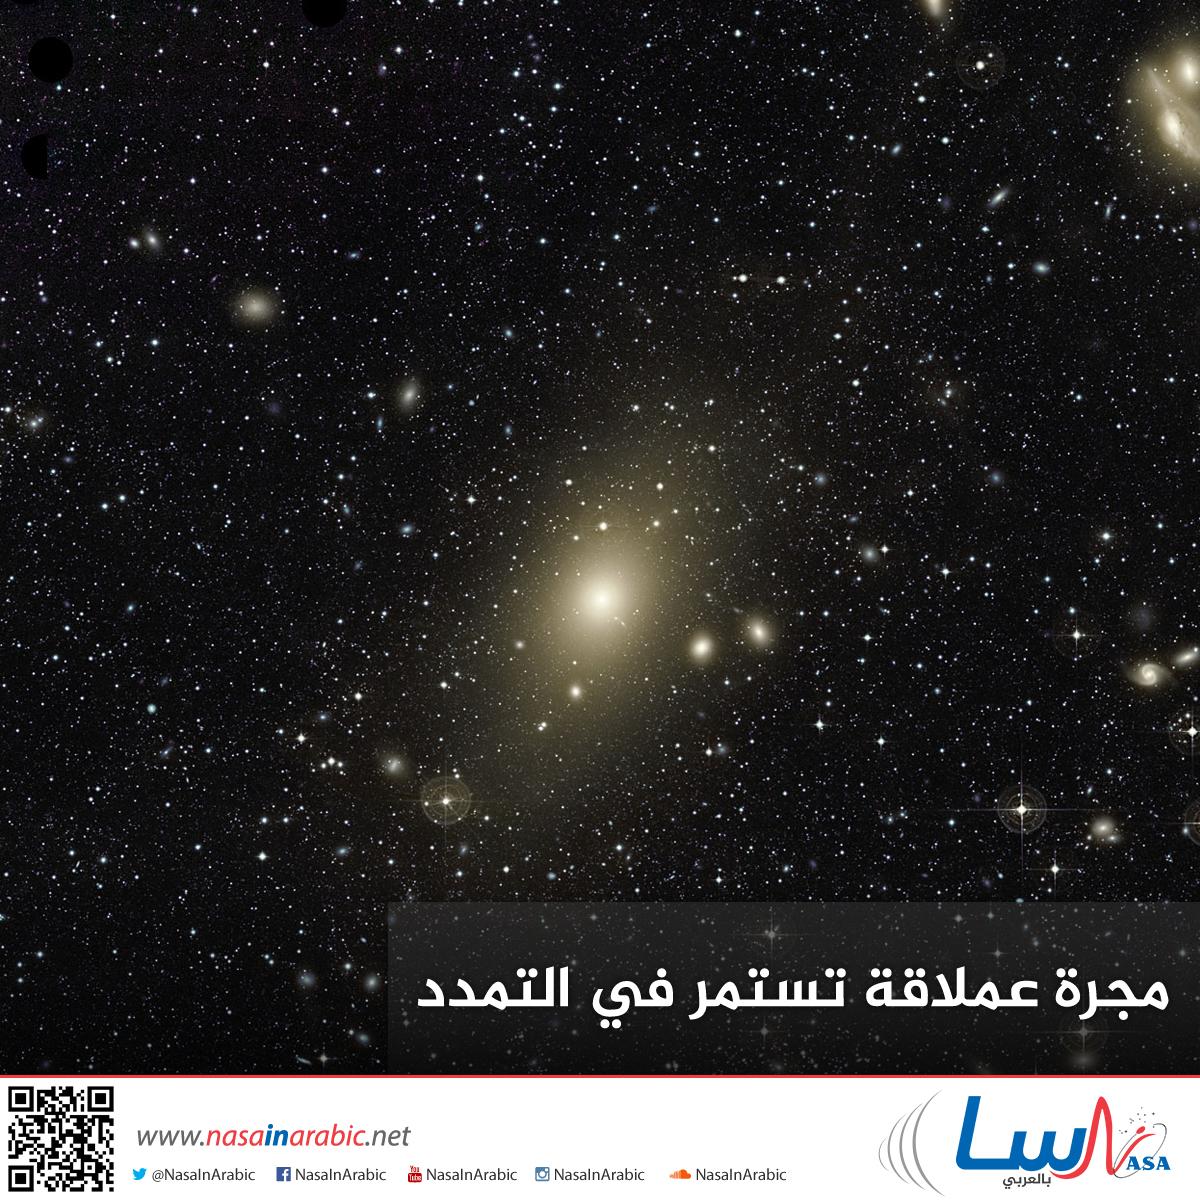 مجرة عملاقة تستمر في التمدد